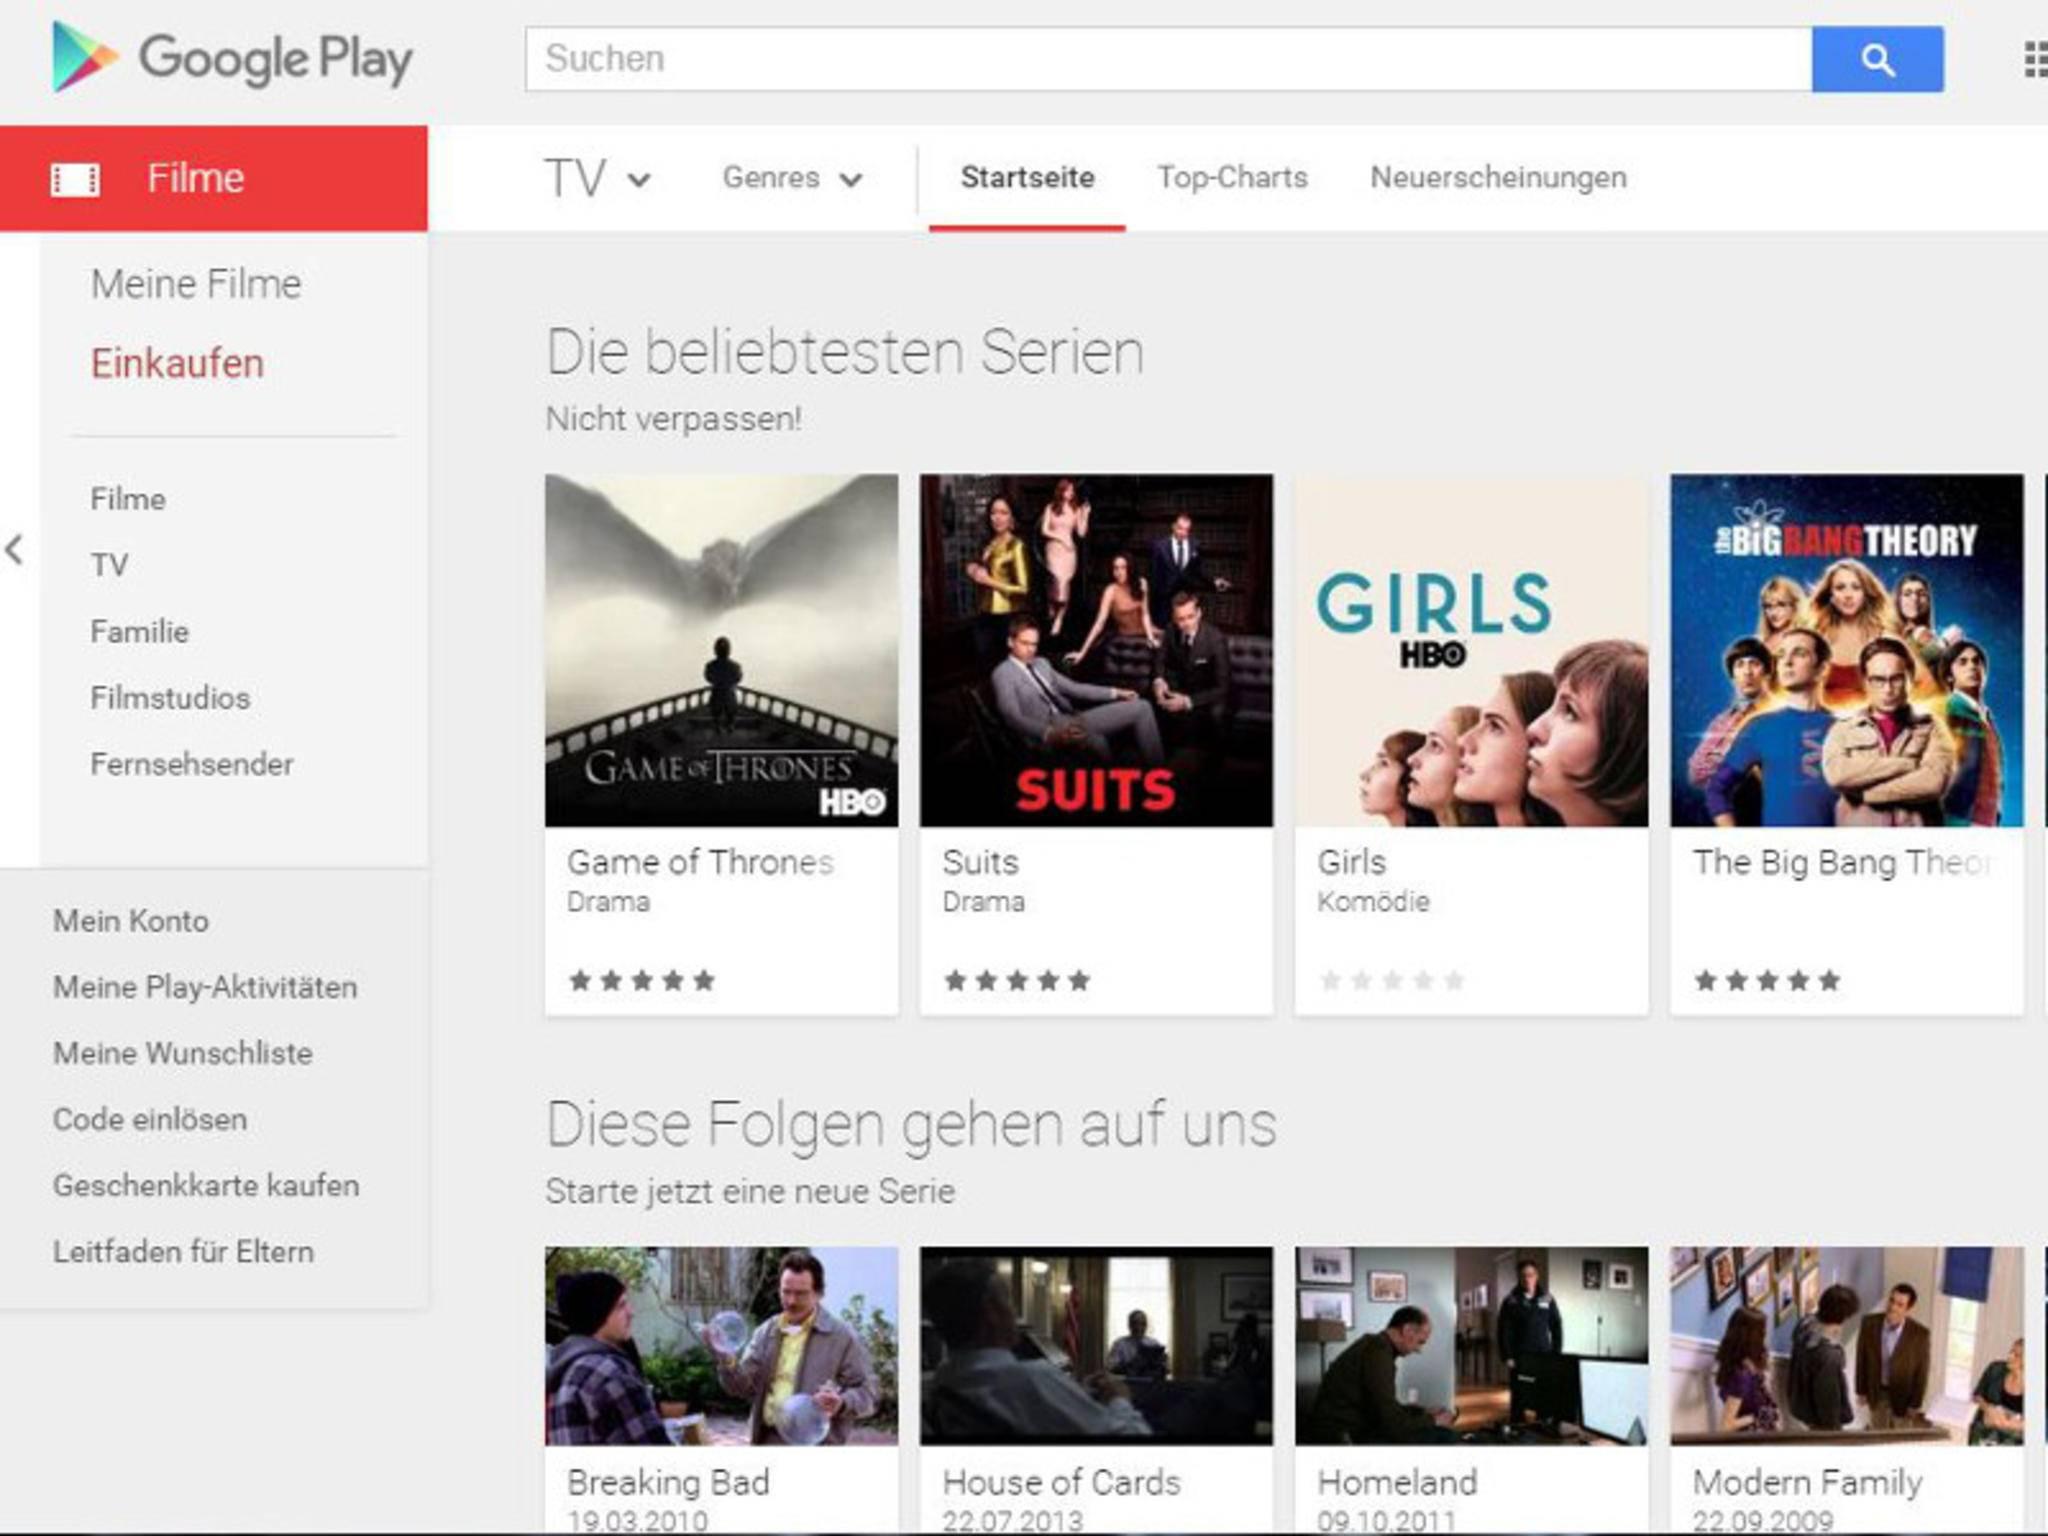 Google Play bietet jetzt auch TV-Serien an.